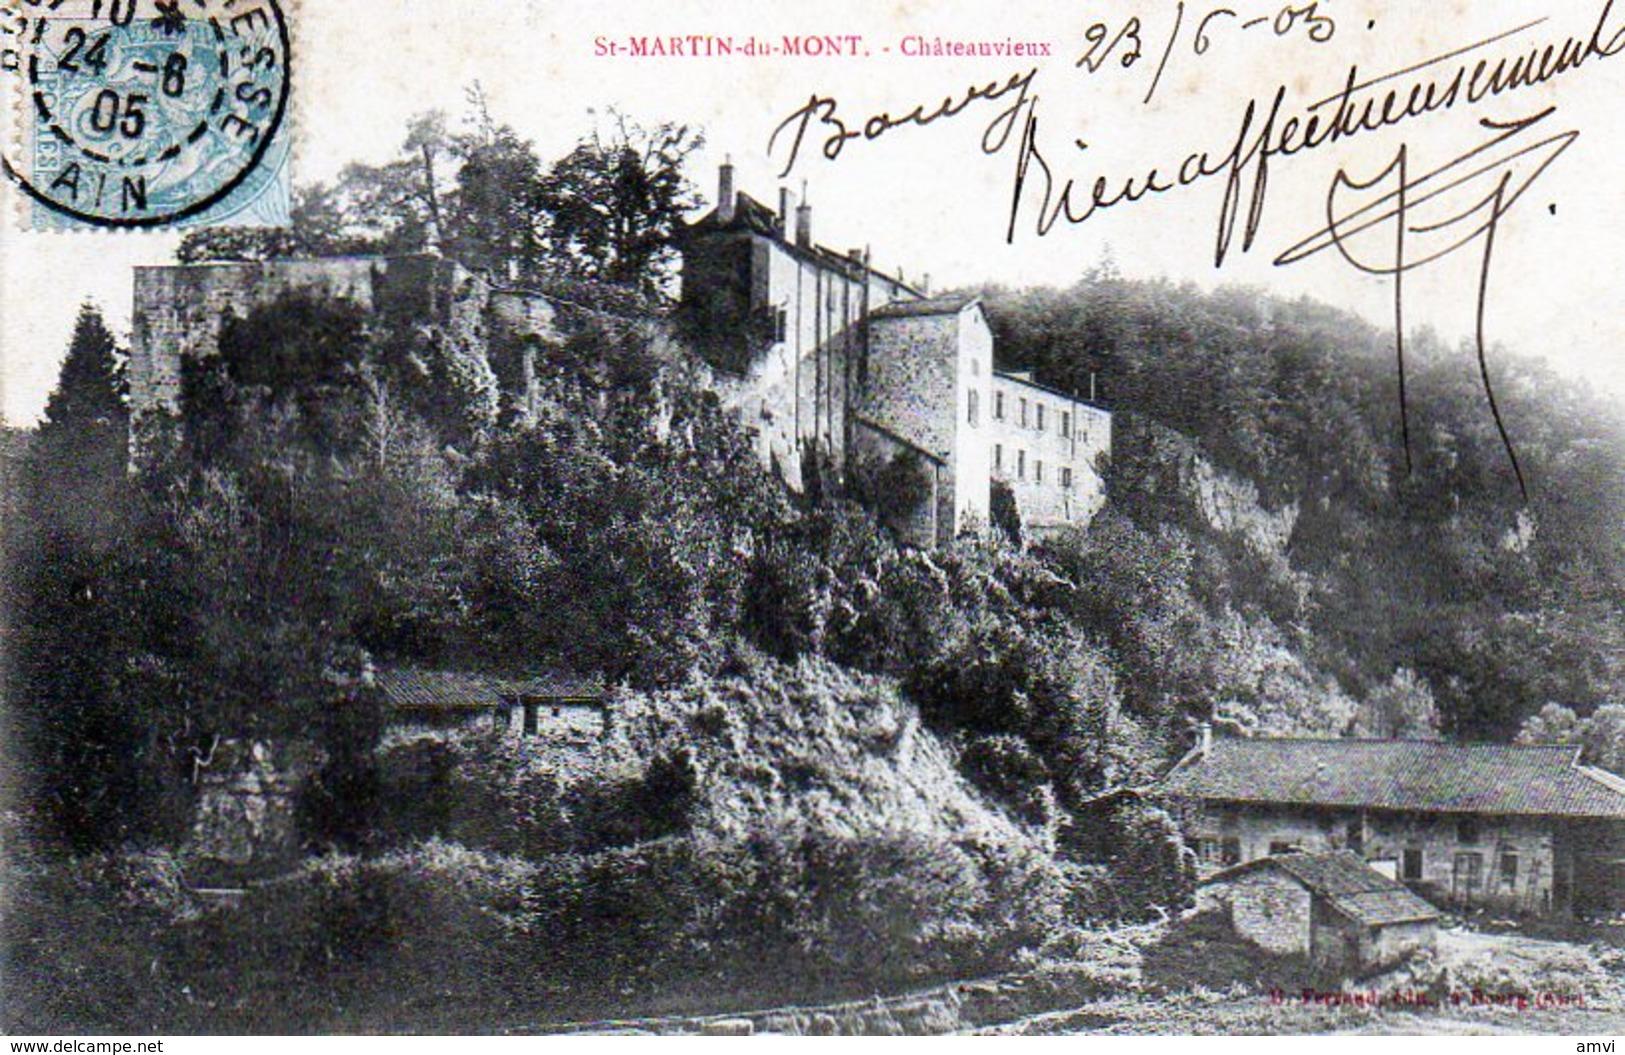 0005 -  01 - SAINT-MARTIN-du-MONT. - Chateauvieux - 1905 - France